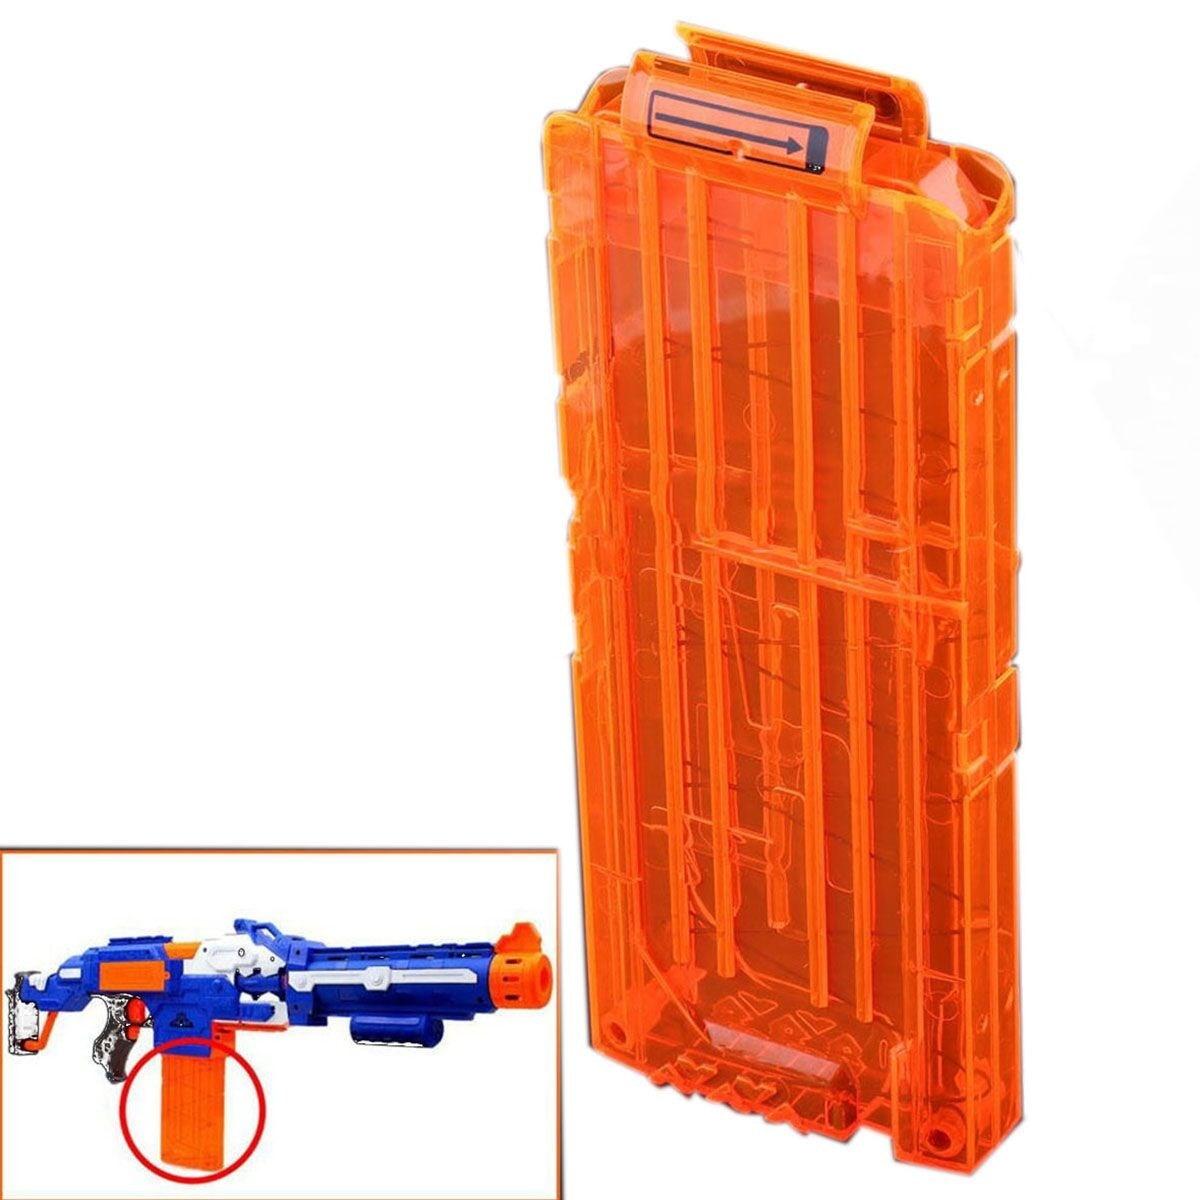 Nerf Raider Gun with Foam Darts